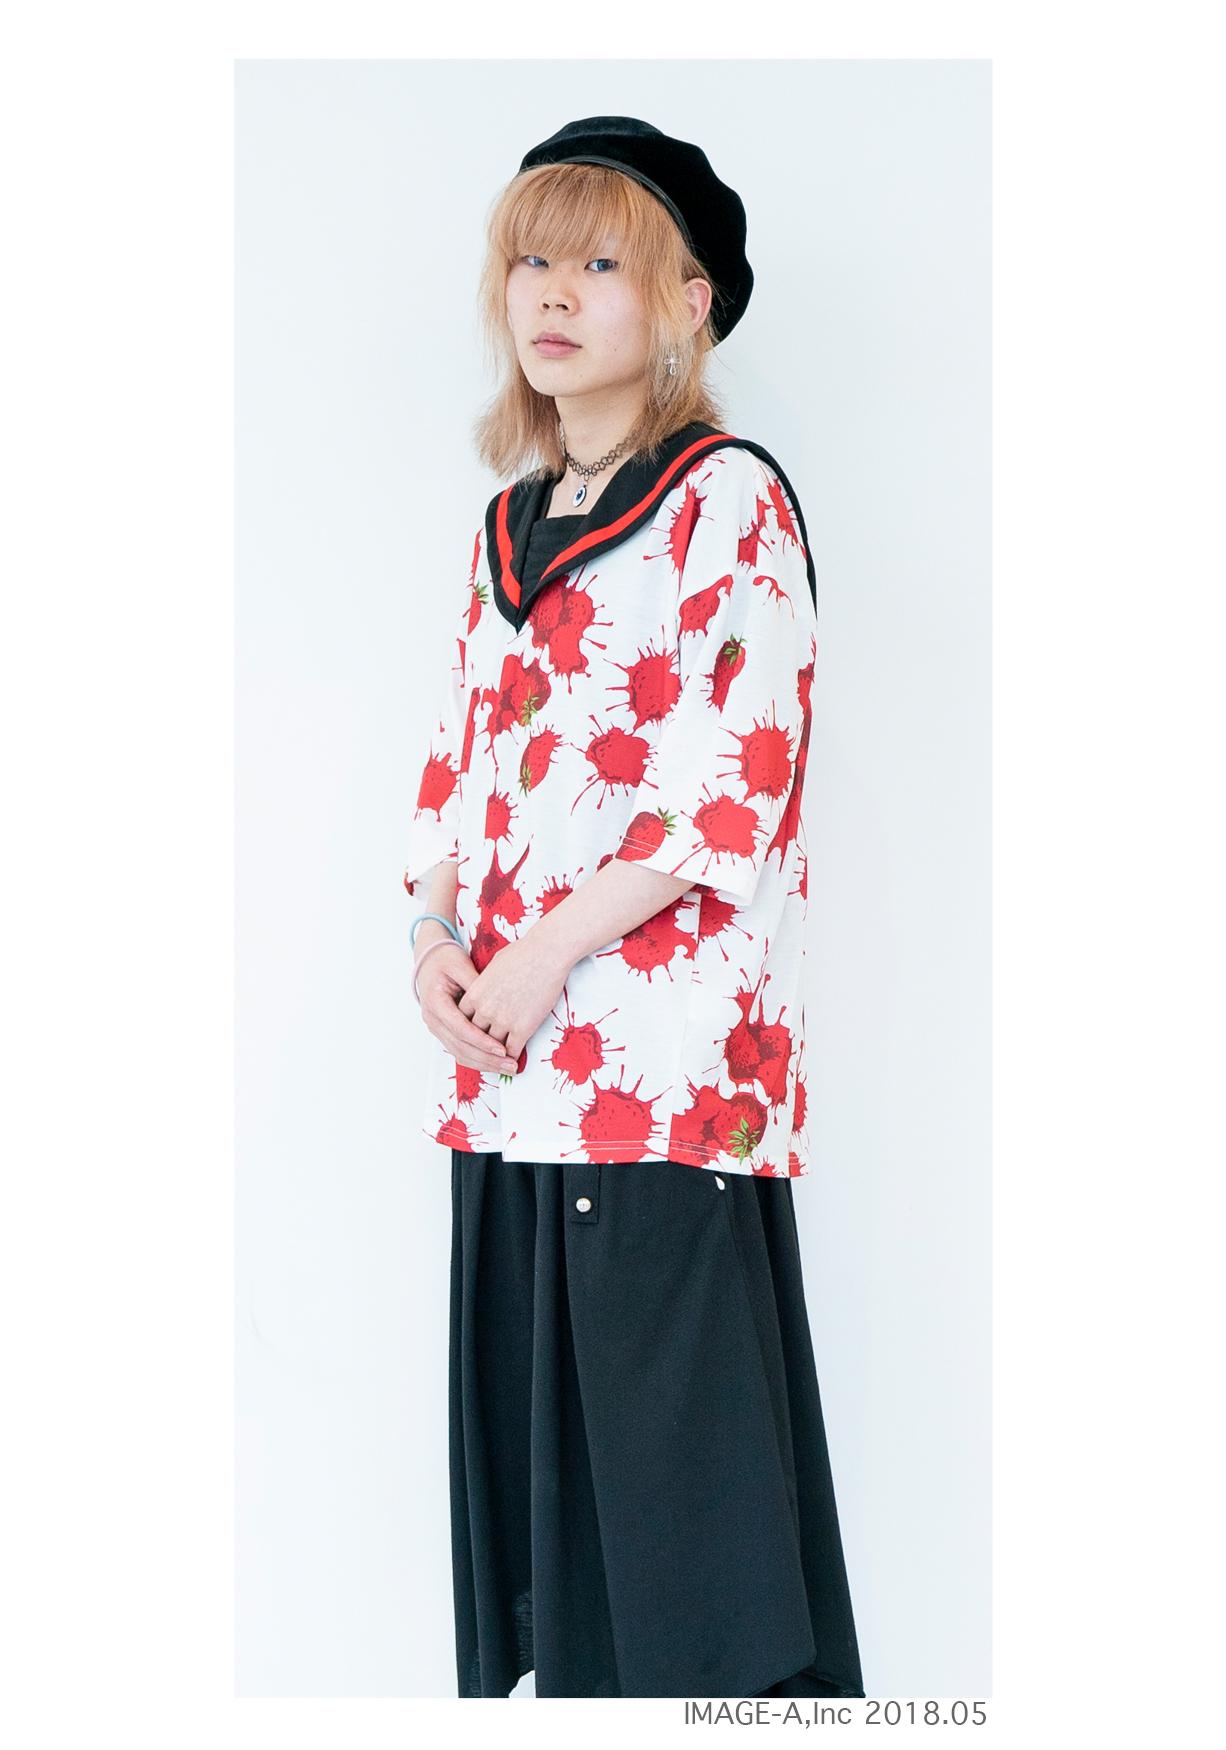 Hiroaki Hirose